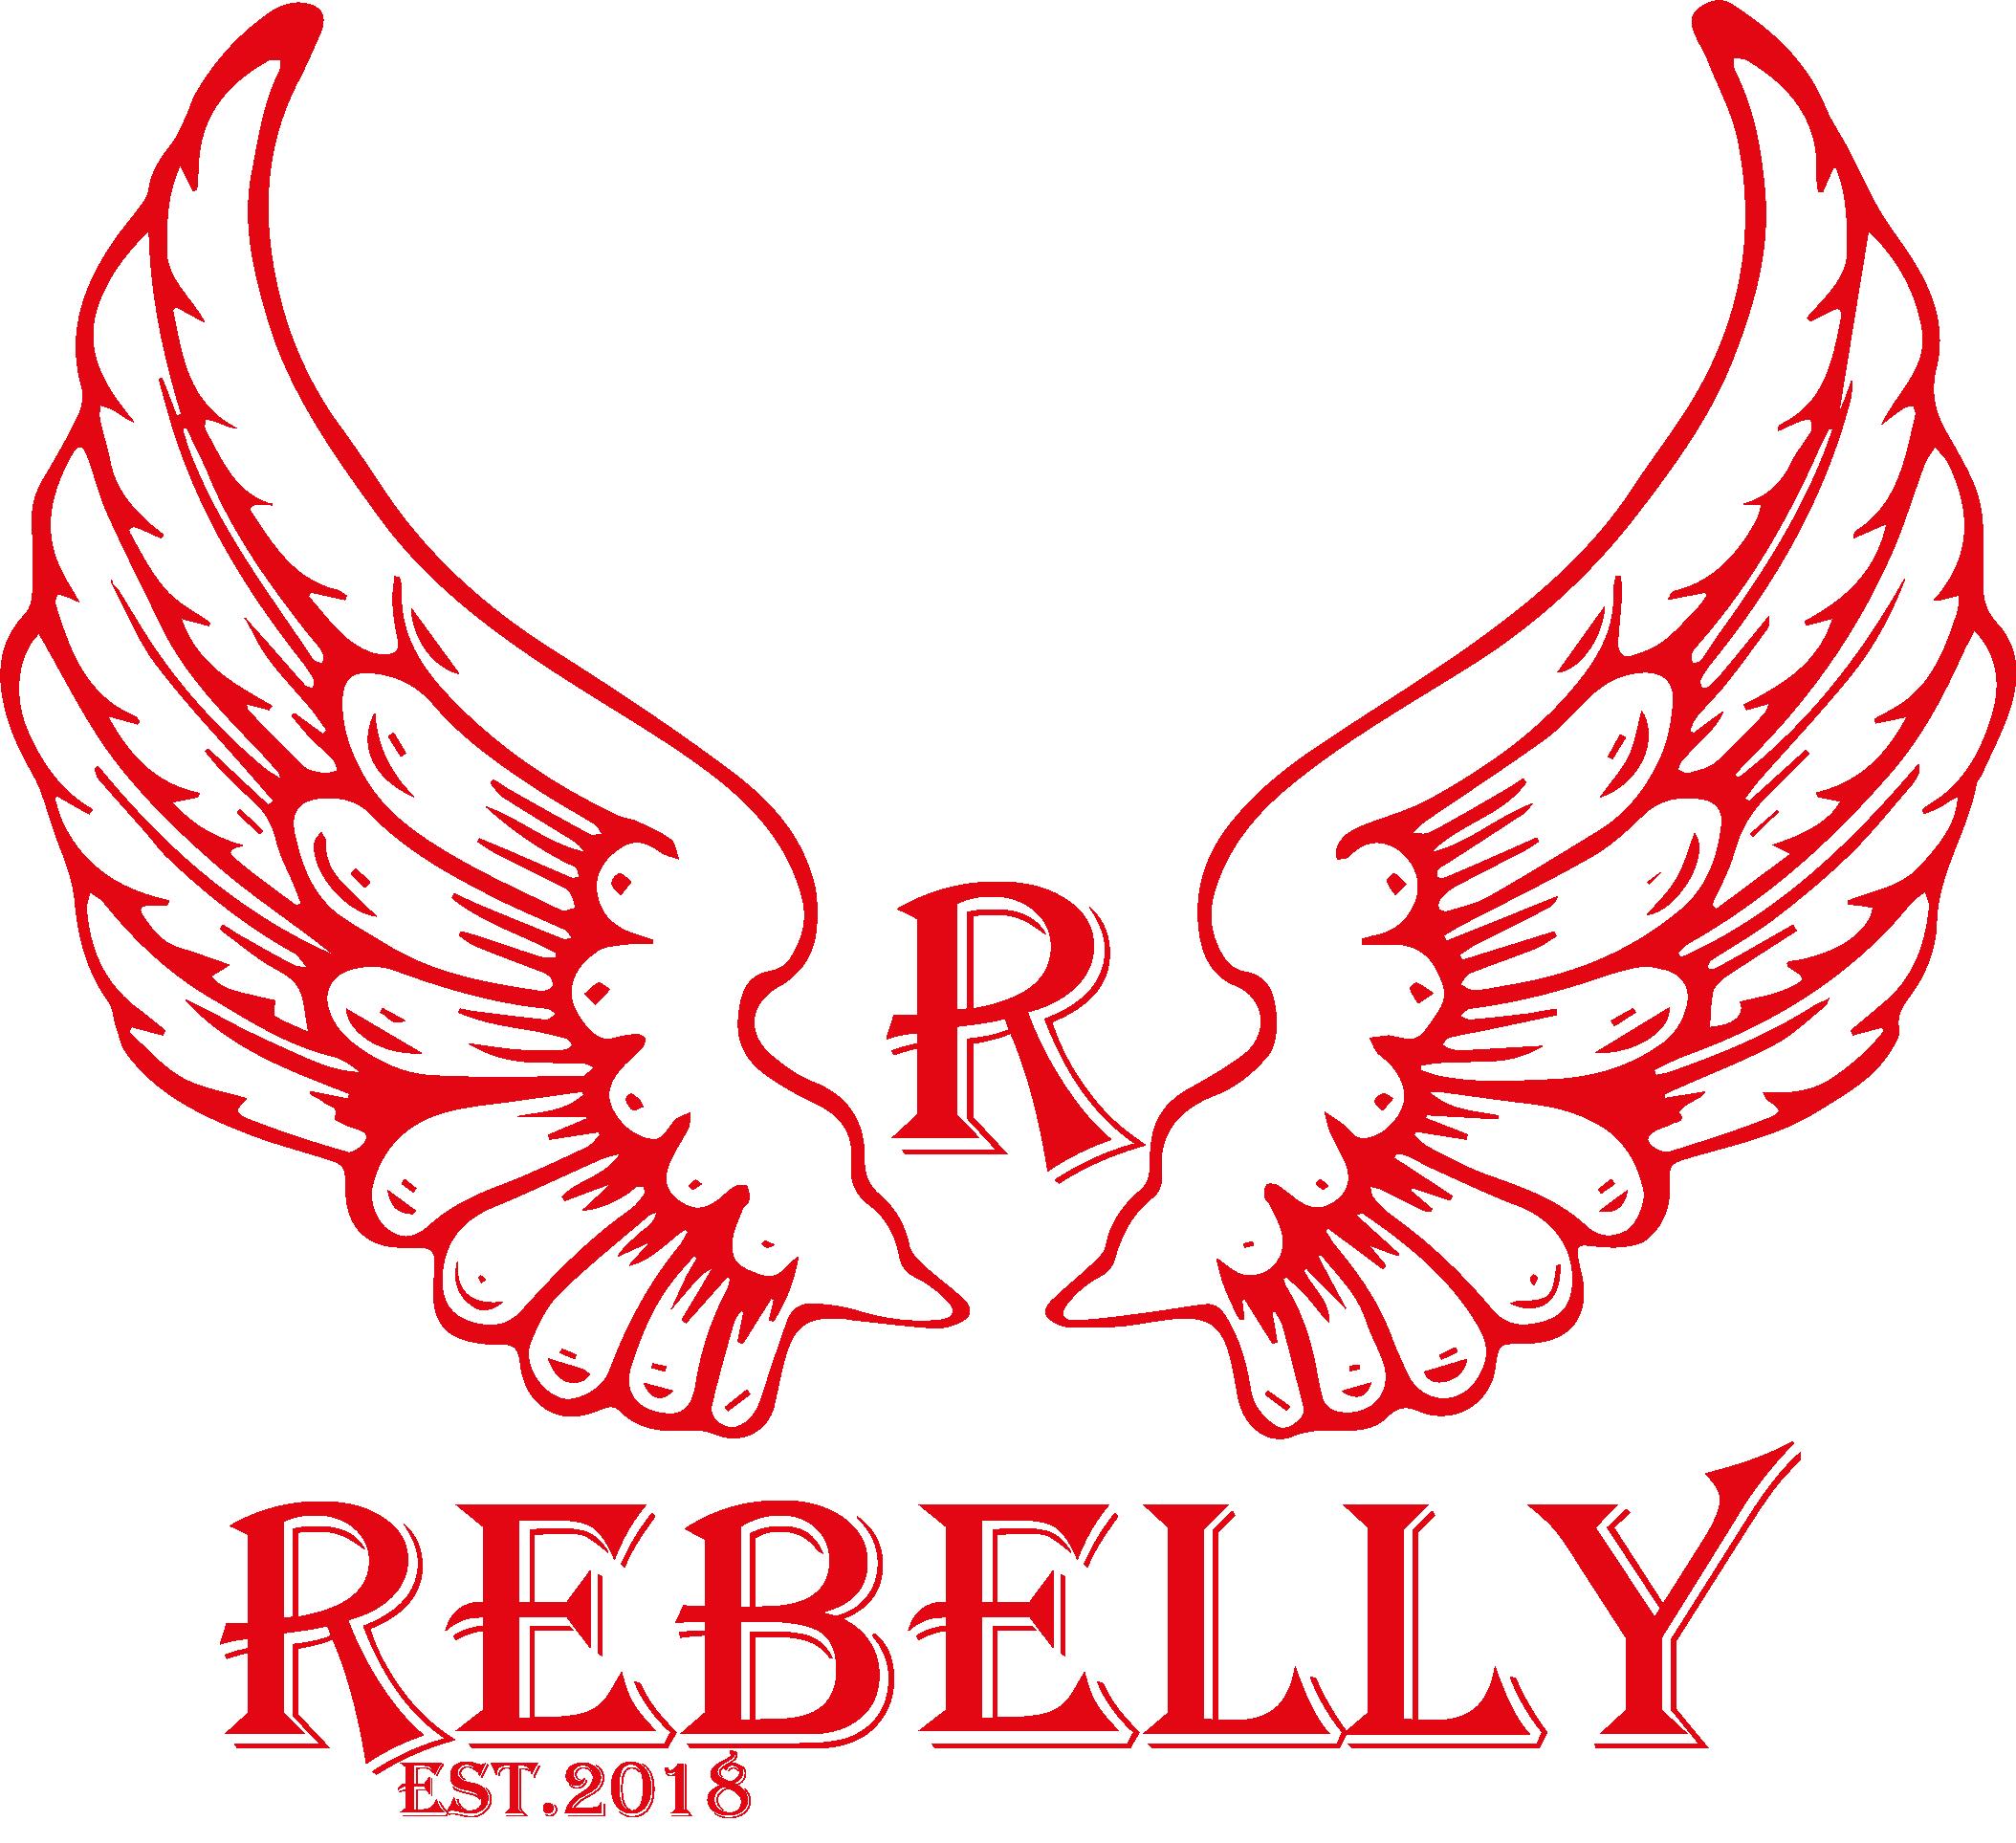 Rebelly